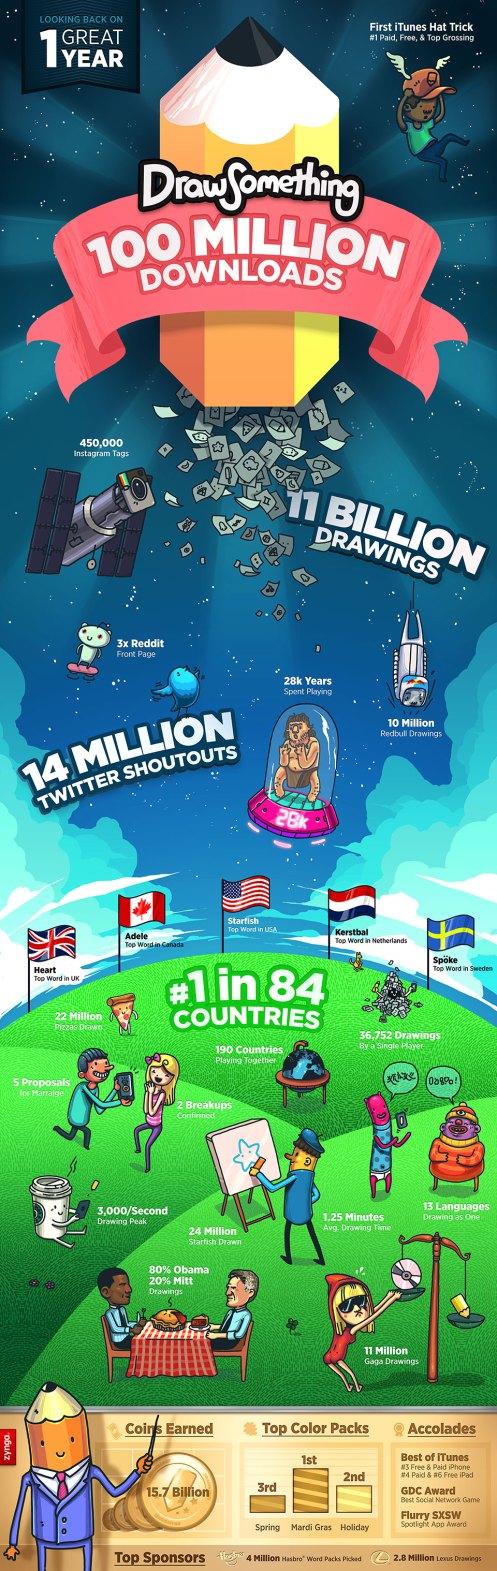 Zyngaのスマホ向けお絵描きソーシャルゲーム「Draw Something」、リリースから1年で1億ダウンロード突破! これまでに描かれた絵は110億点2